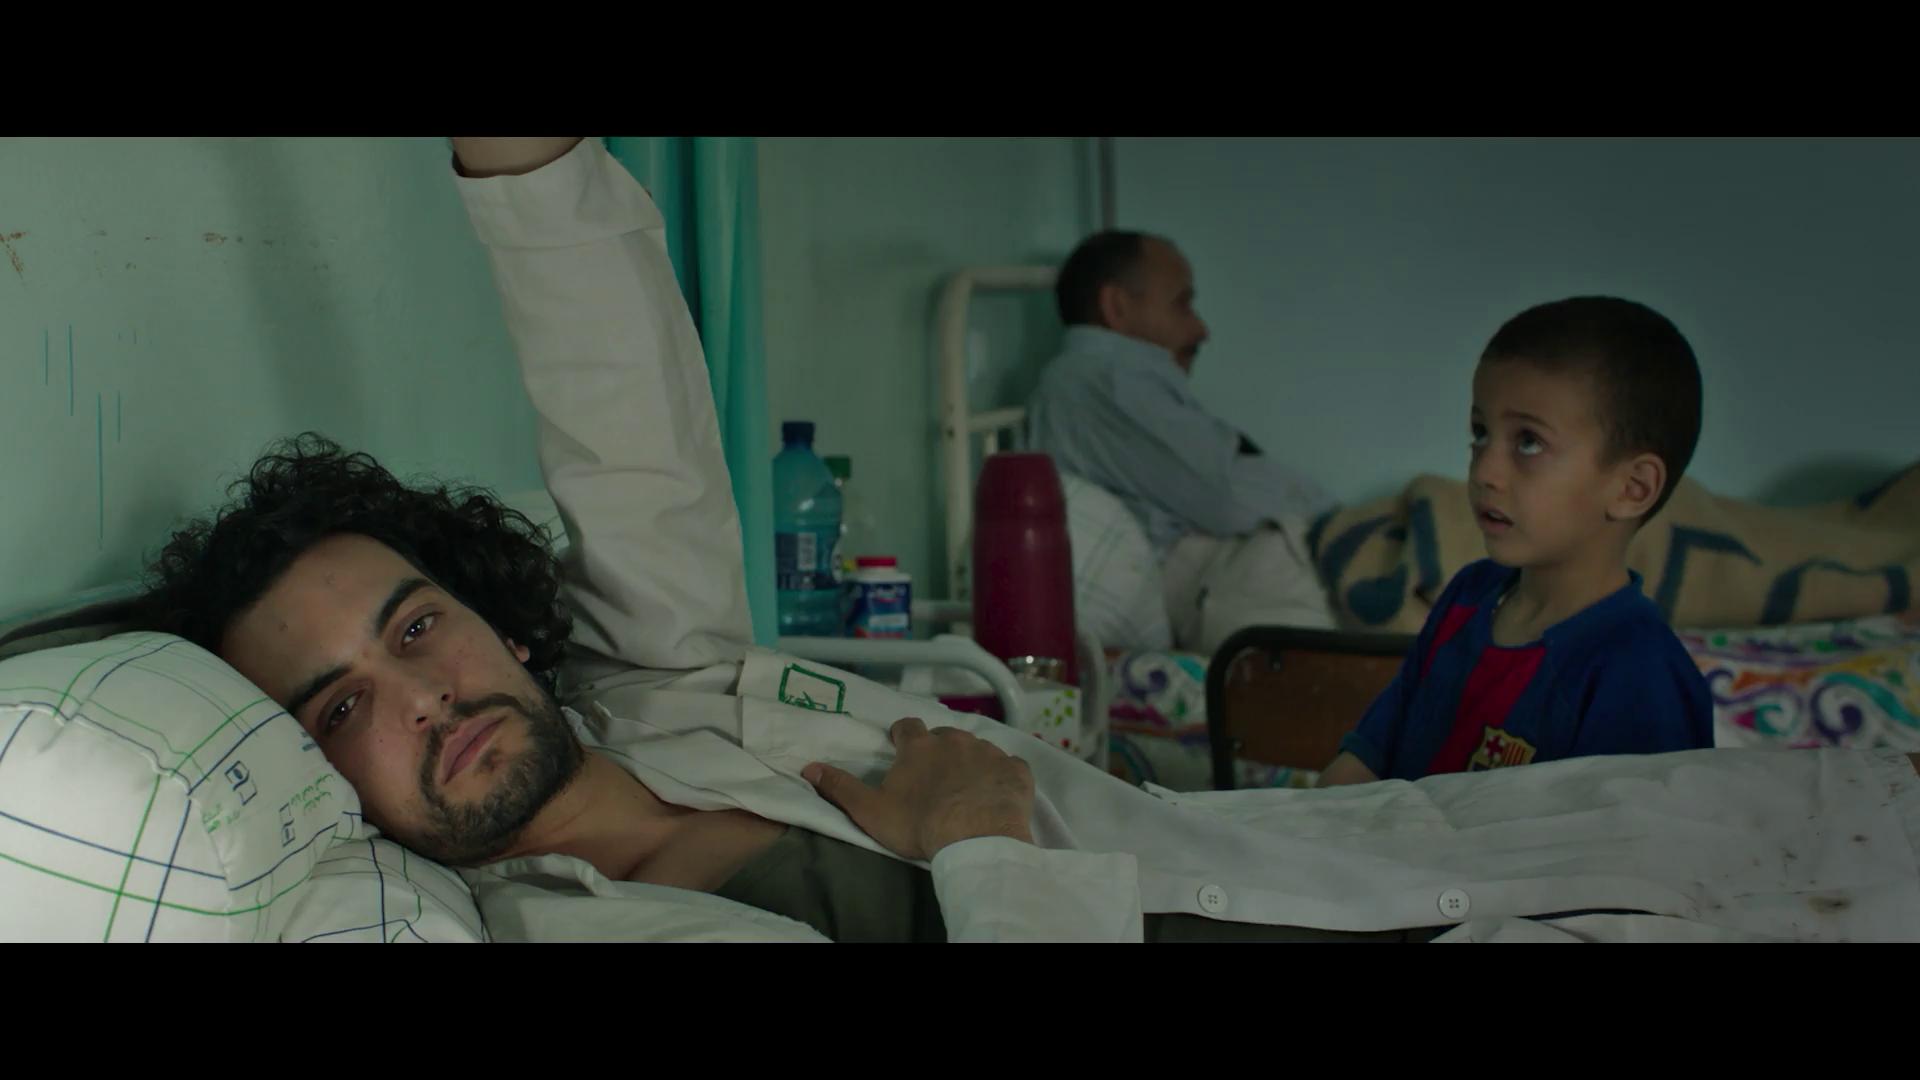 يعرض بتطوان .. طفح الكيل » فيلم  يعري واقع قطاع الصحة بالمغرب »